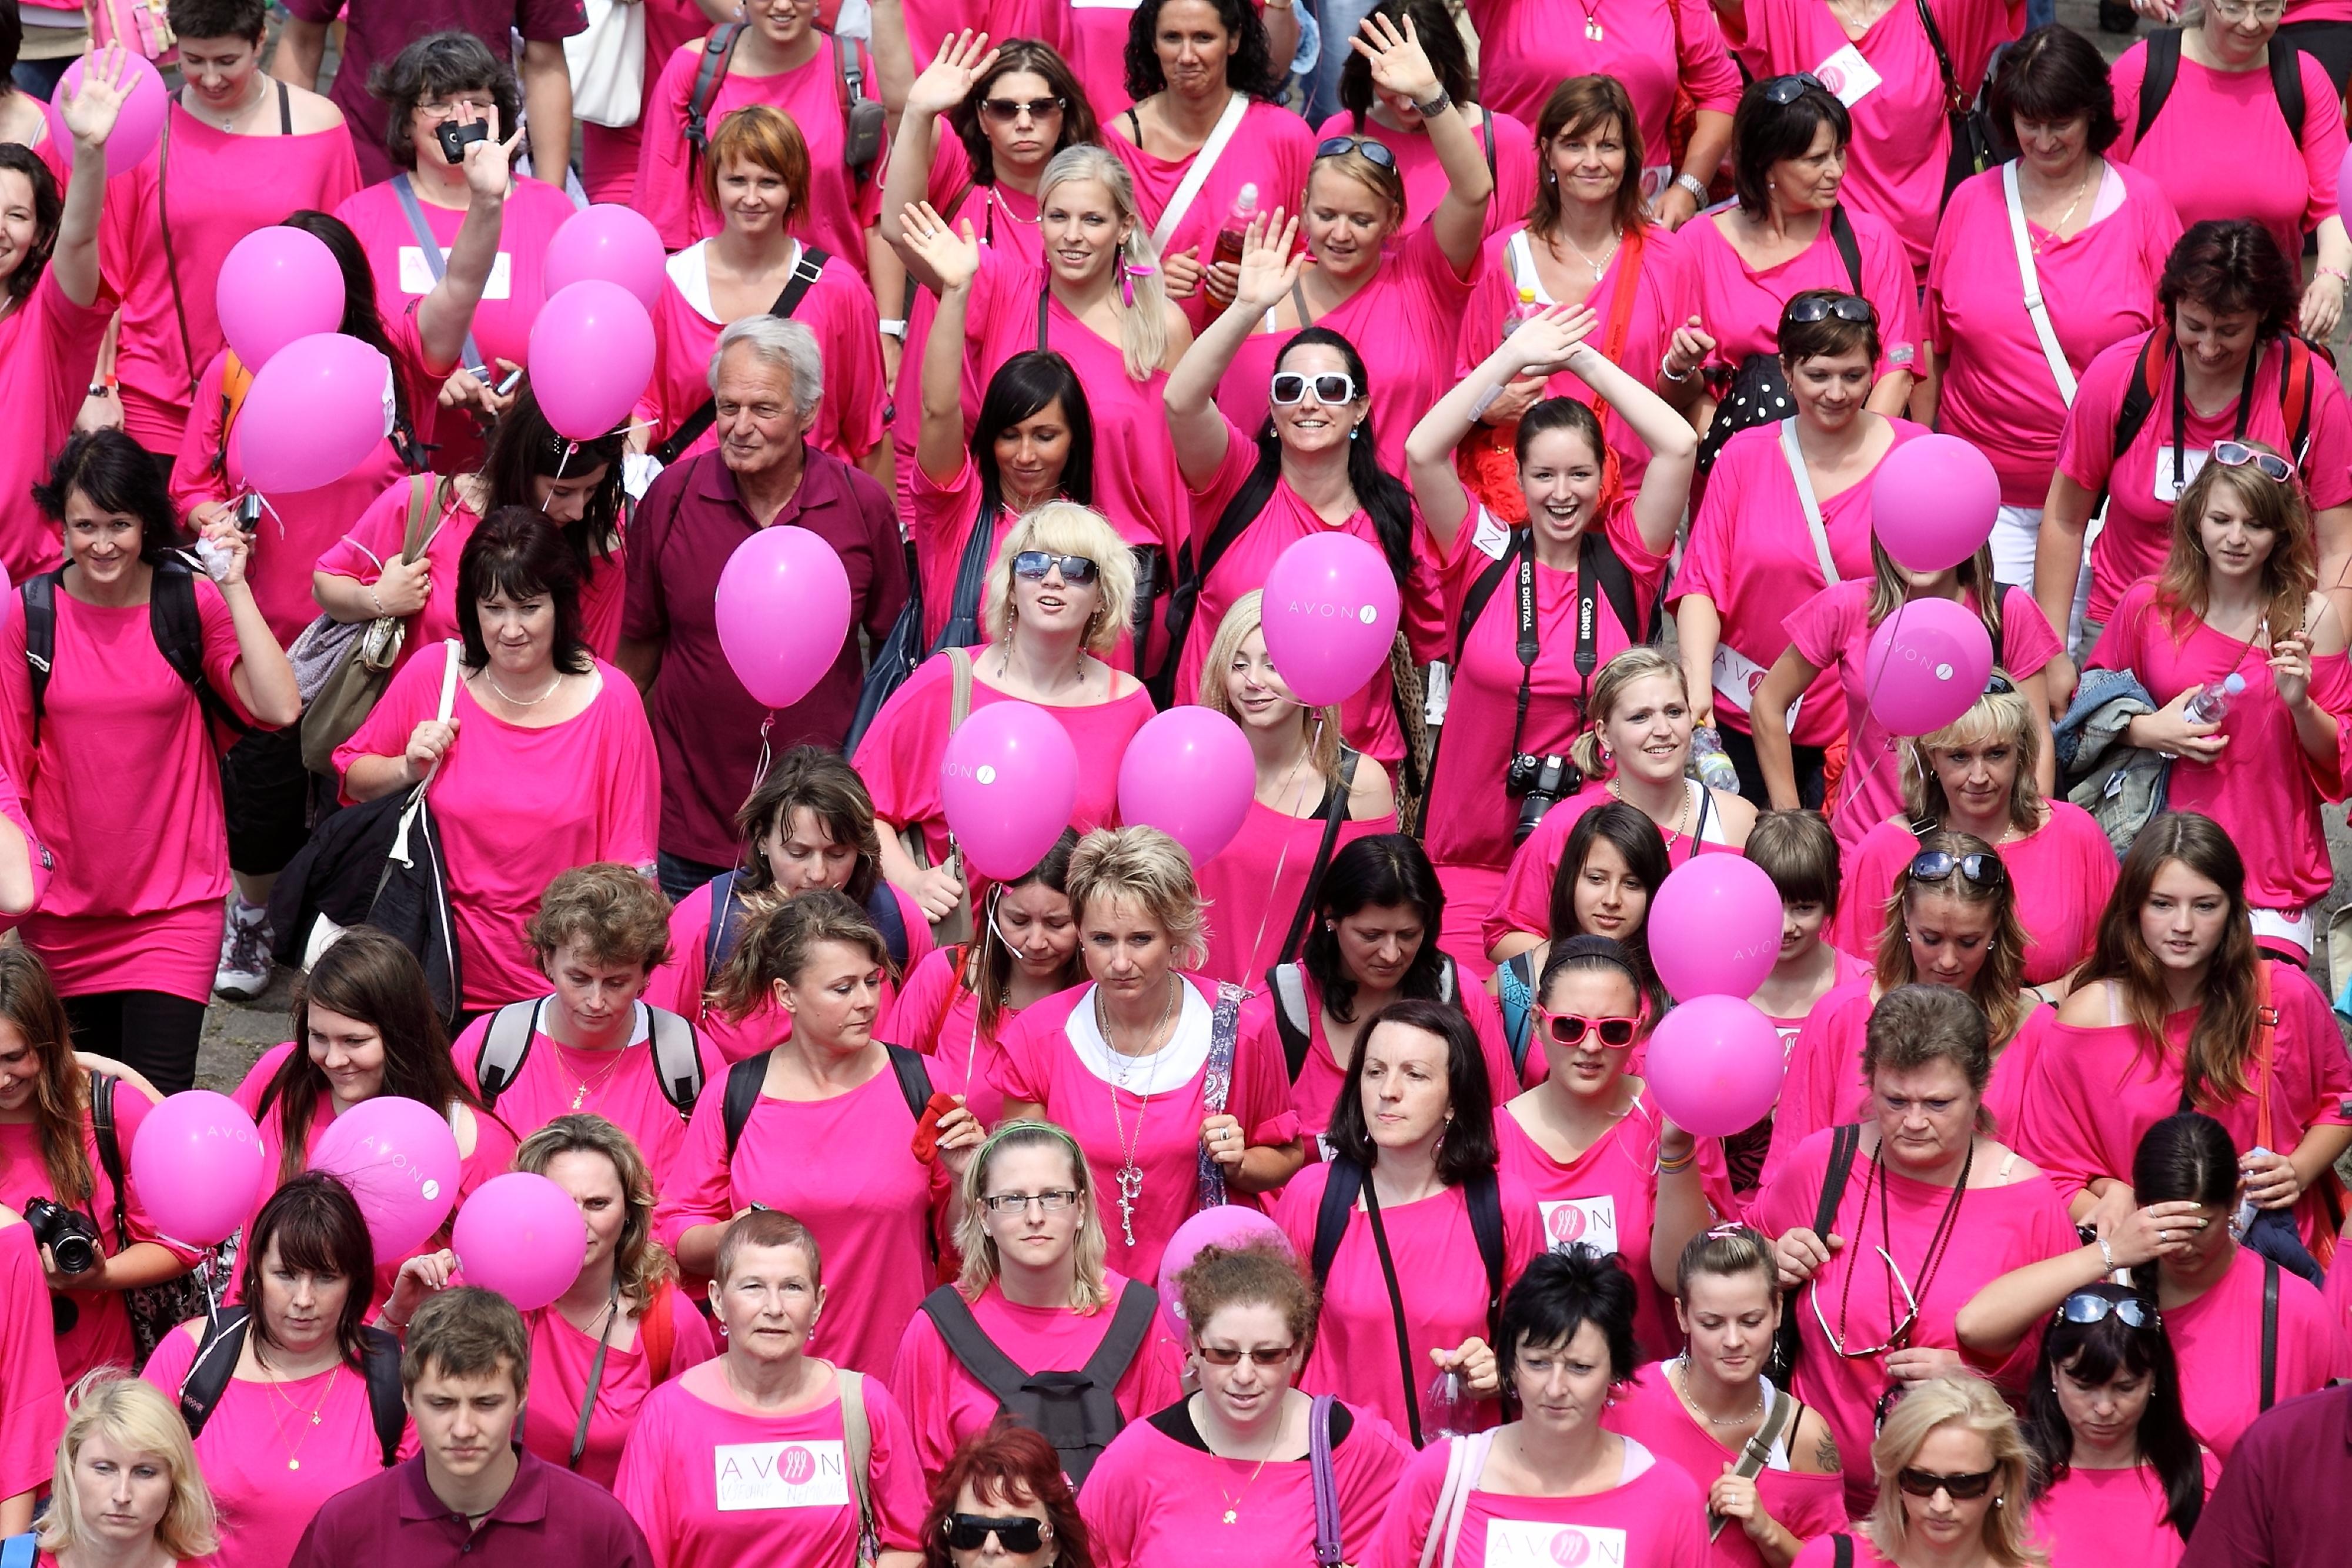 """Deltagare i ett liknande event, """"Avon walk for Breastcancer"""" i Prag förra året. Fotograf: Veronika Matejkova / Shutterstock.com"""